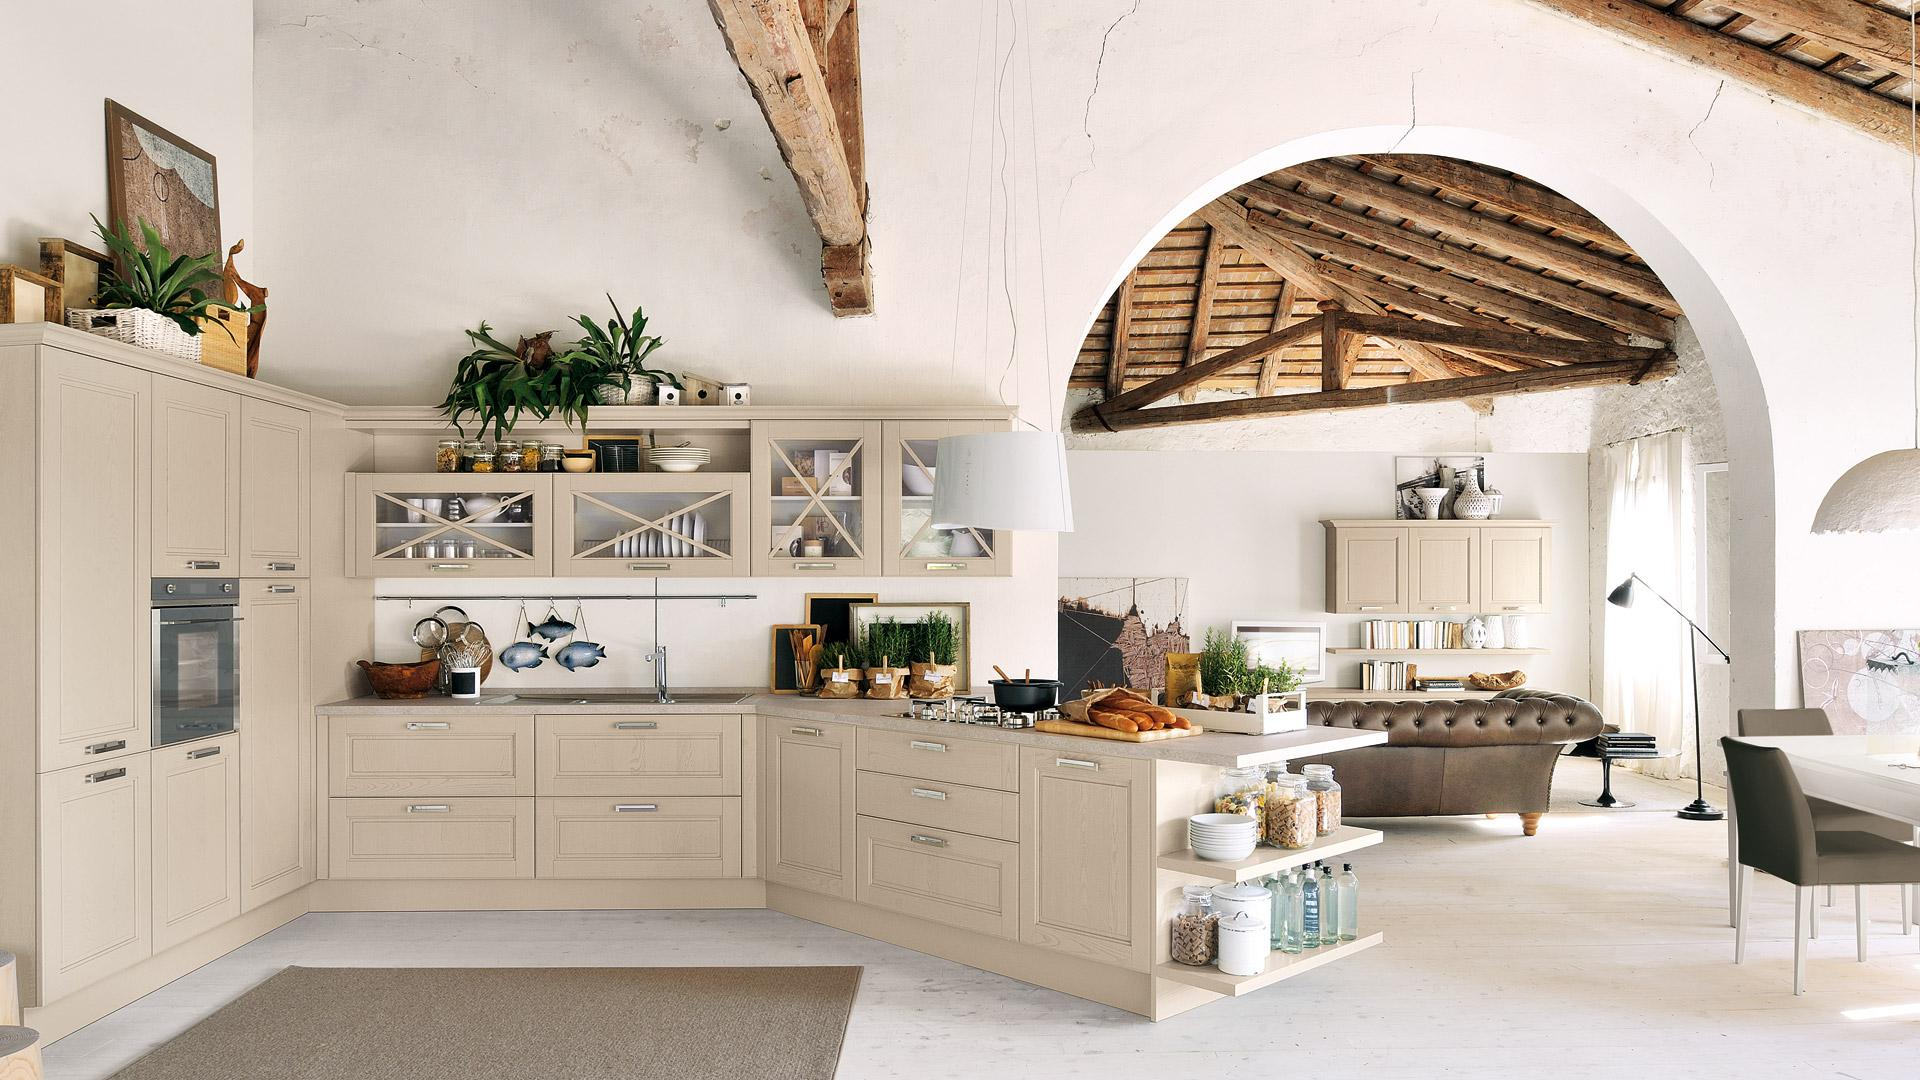 Cucina rustica le soluzioni classiche di lube store per - Disegni di cucine ...